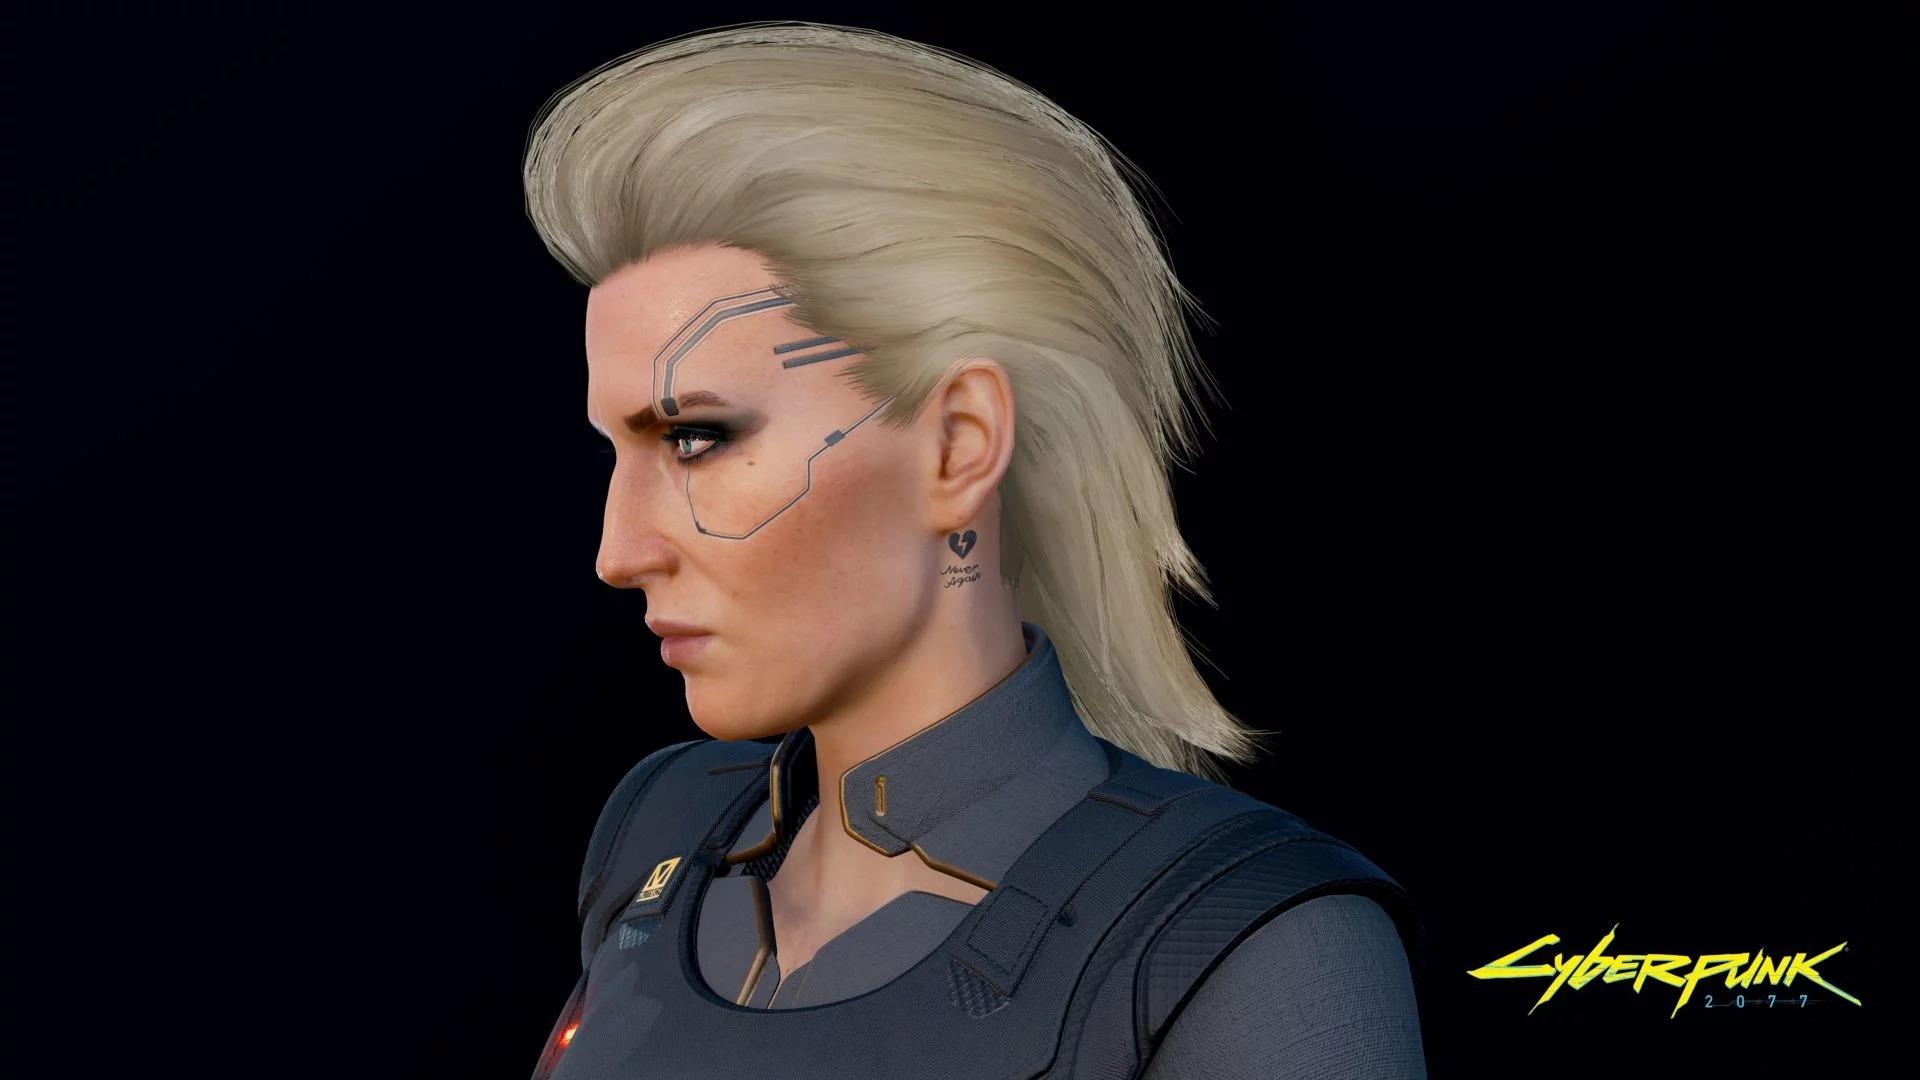 《赛博朋克2077》角色新截图 人物造型栩栩如生